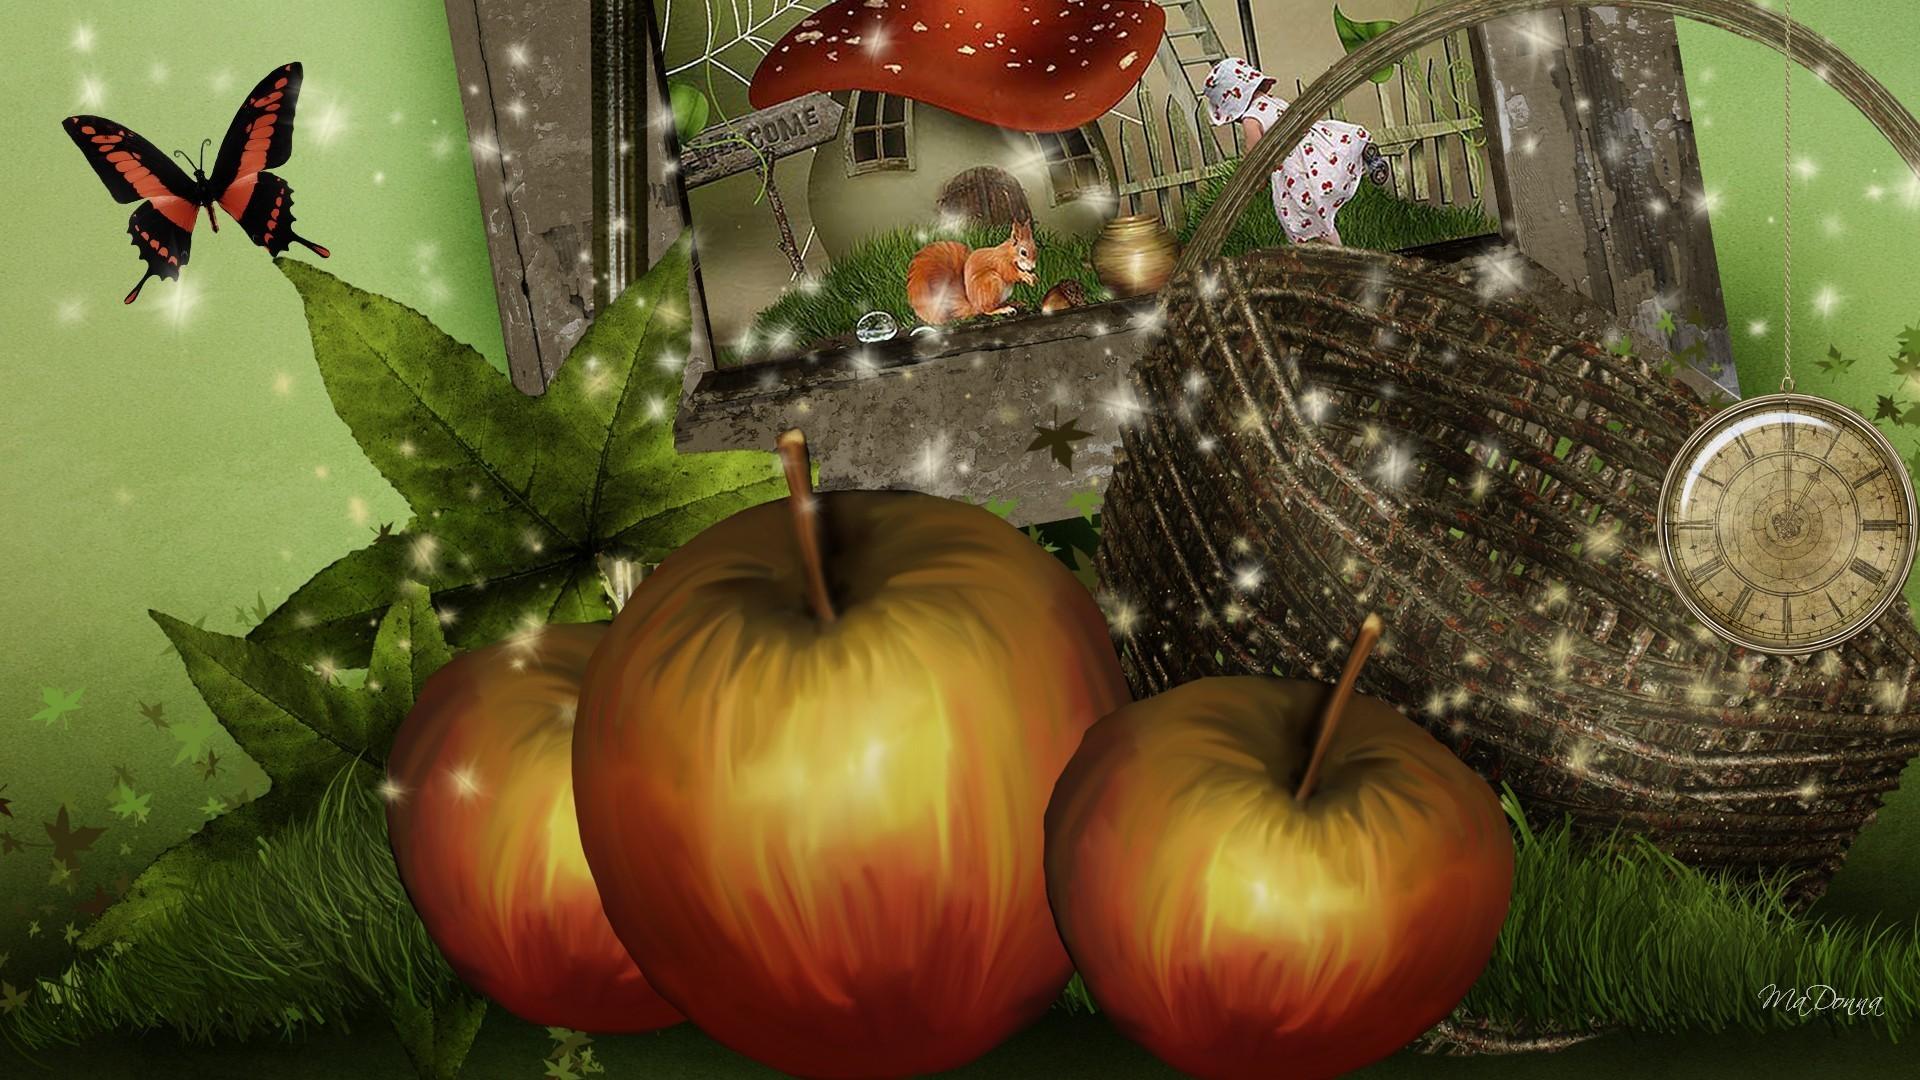 Fall Pumpkin Background Wallpaper Pumpkin Desktop Wallpaper 183 ①